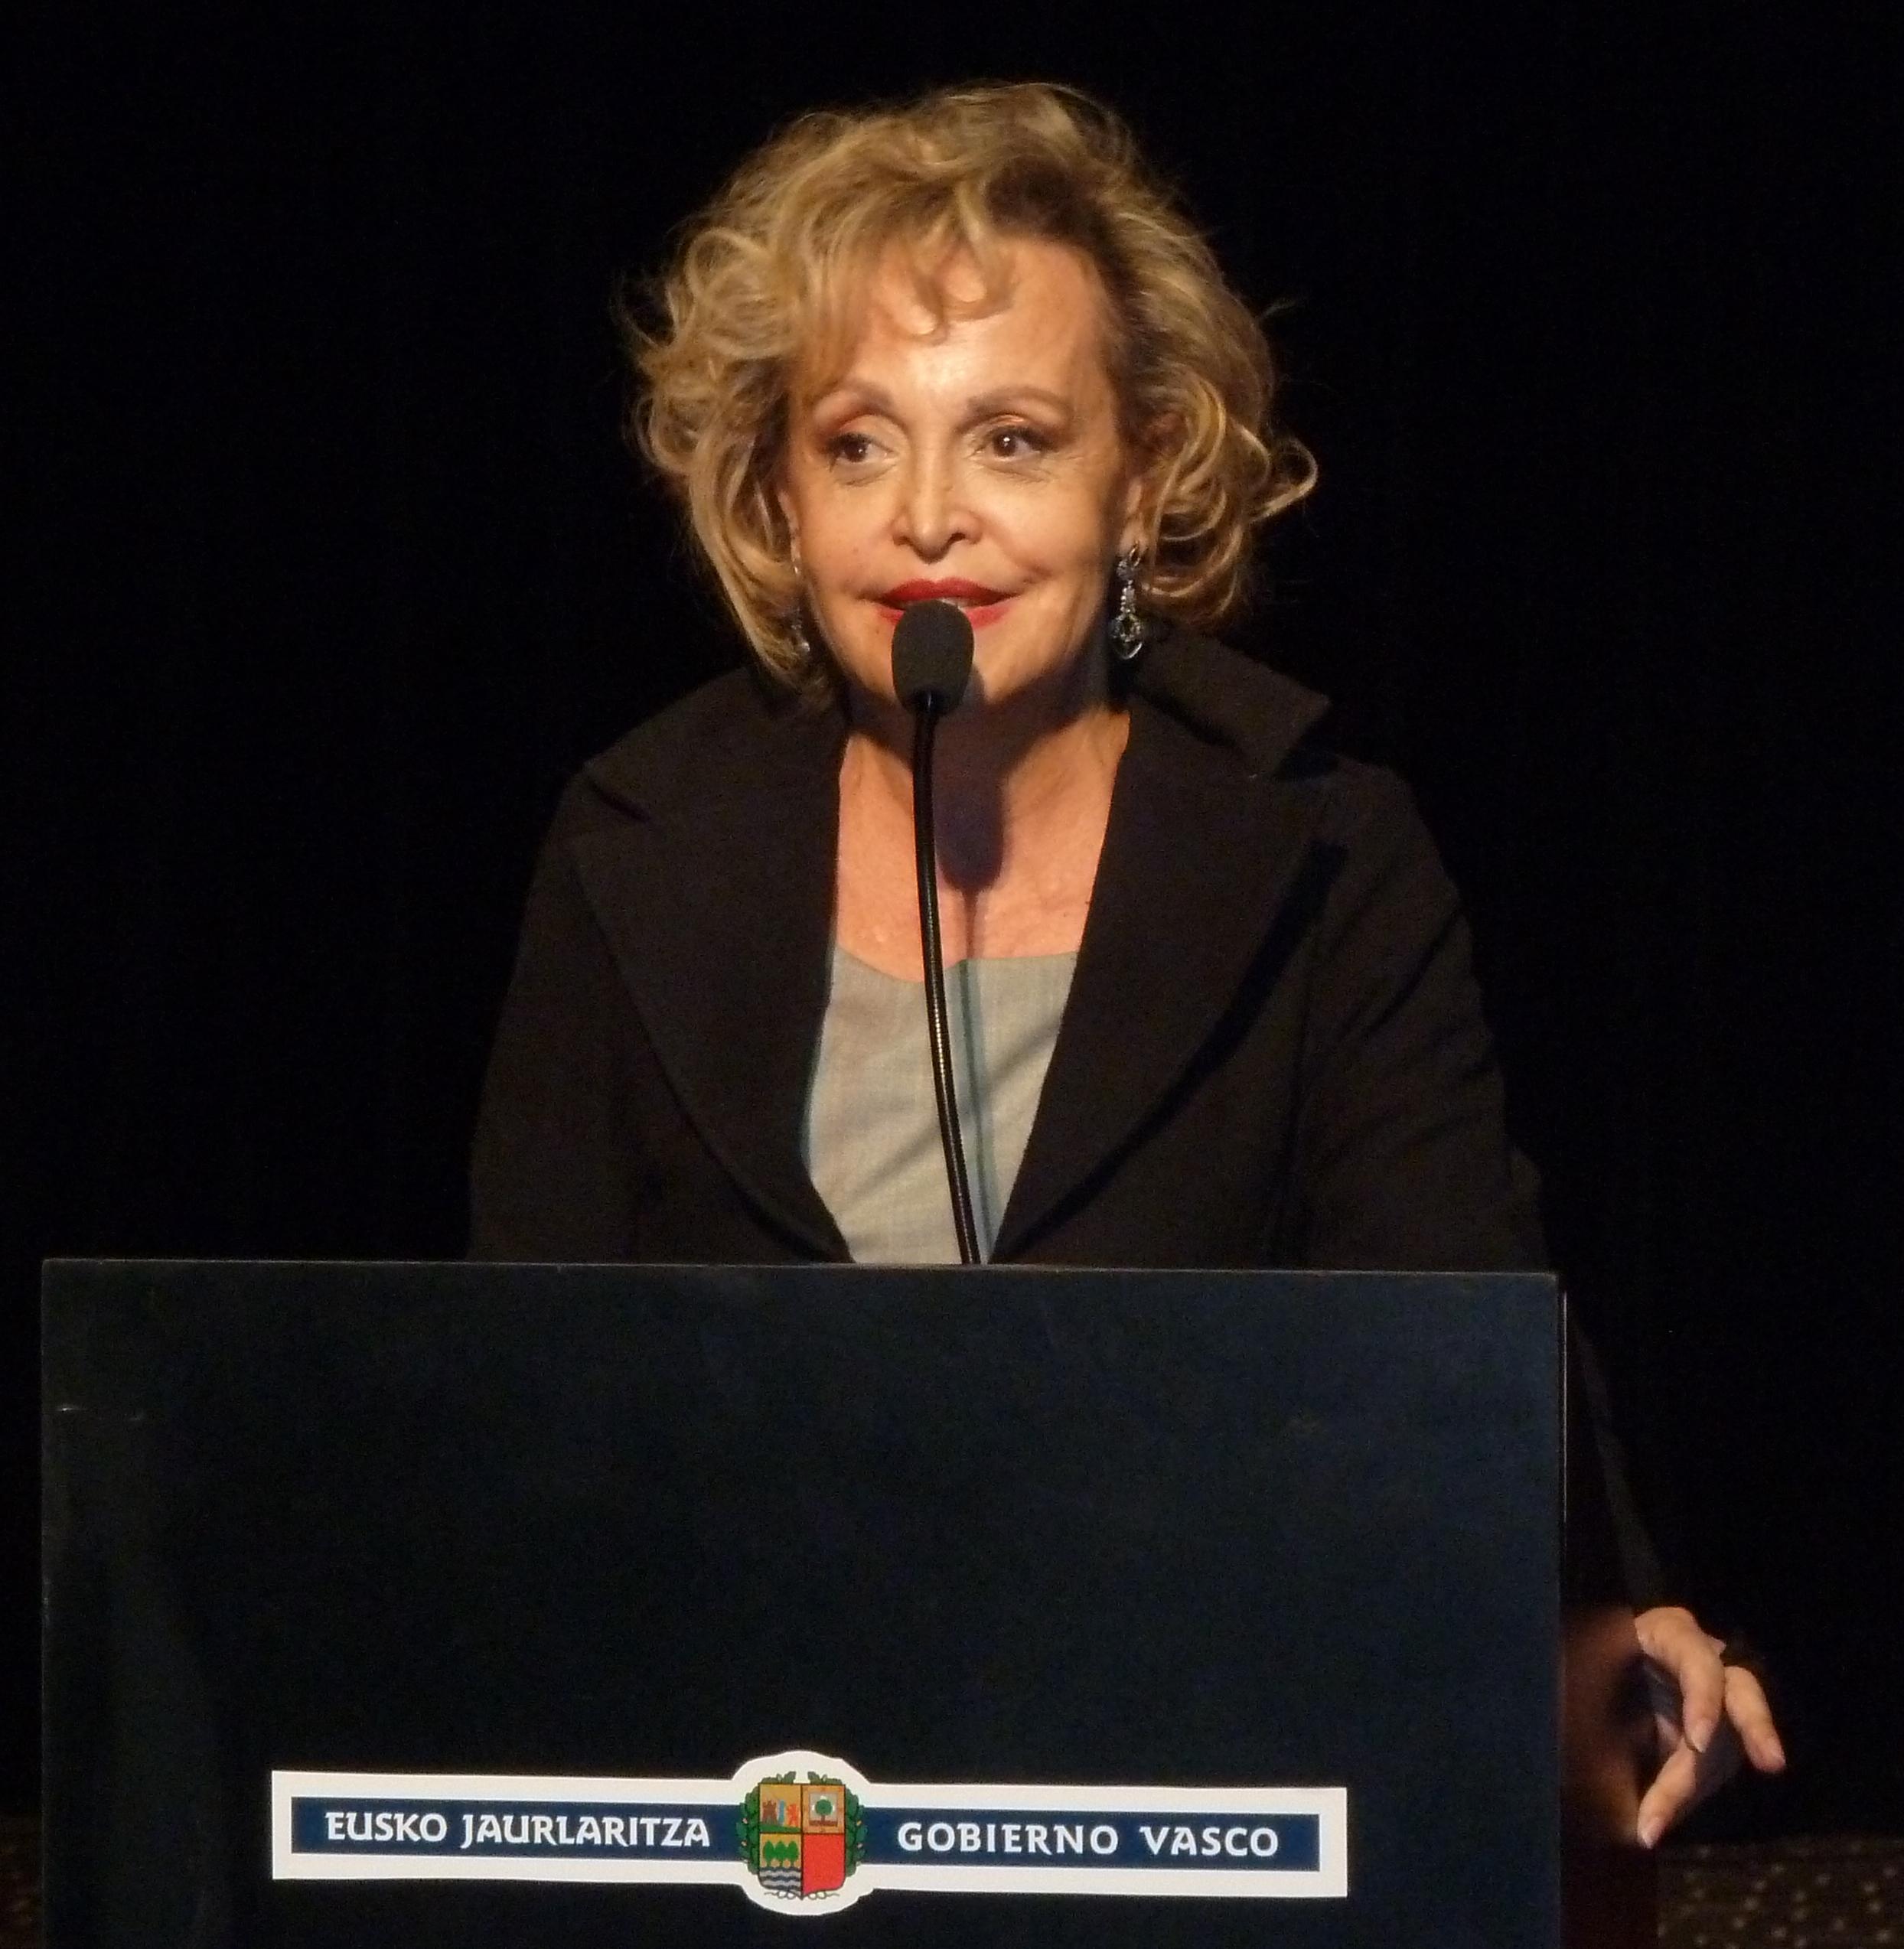 La exposición del 75º aniversario del Bombardeo de Gernika inaugurada en Buenos Aires [6:18]